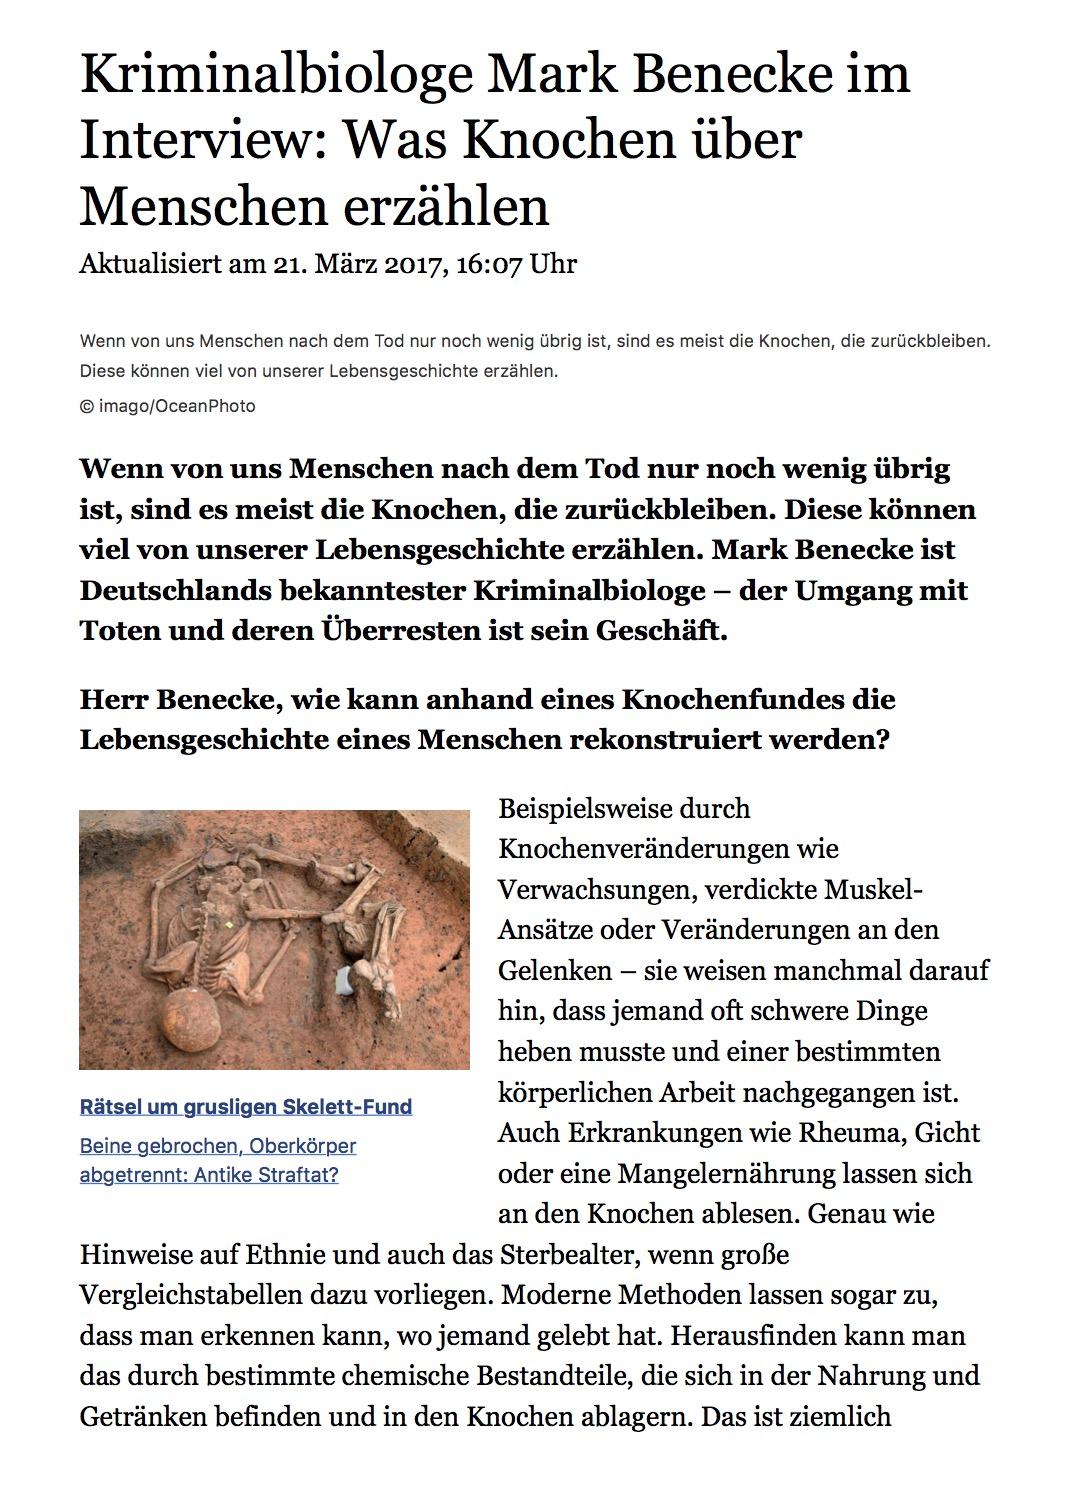 2017 03 web de: Was knochen ueber Menschen verraten - Mark Benecke ...